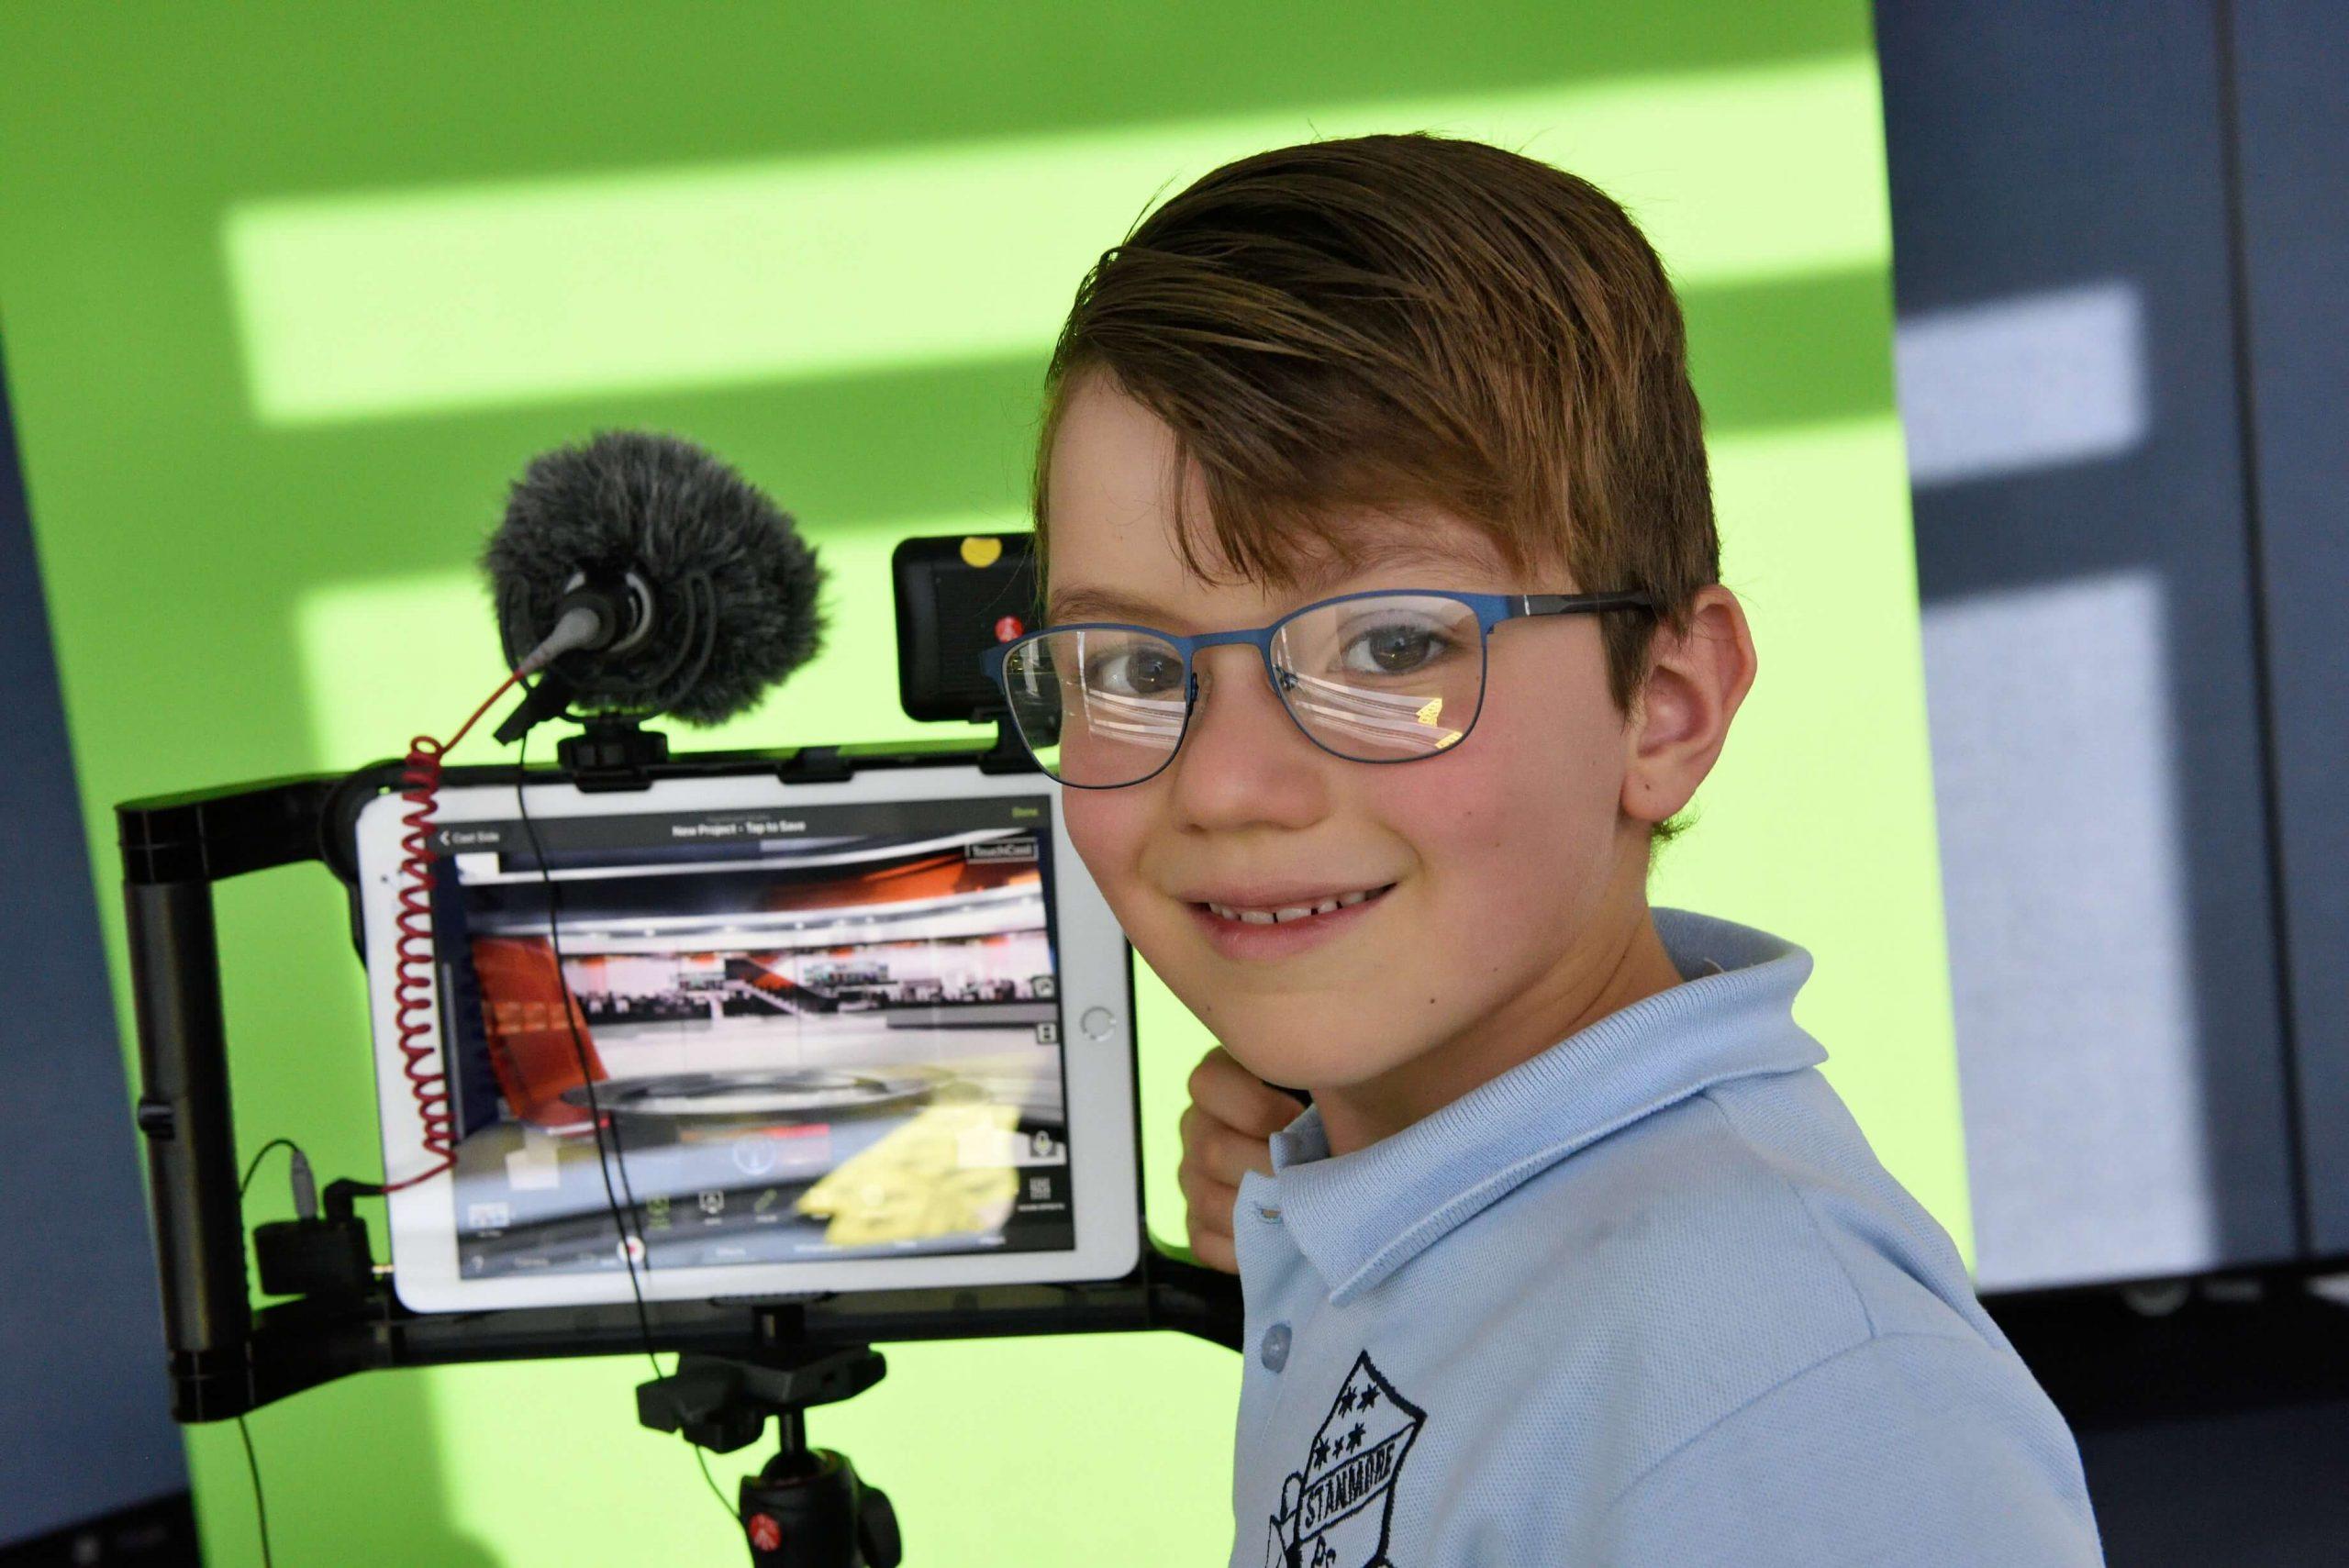 Youtube dla dzieci greenscreen